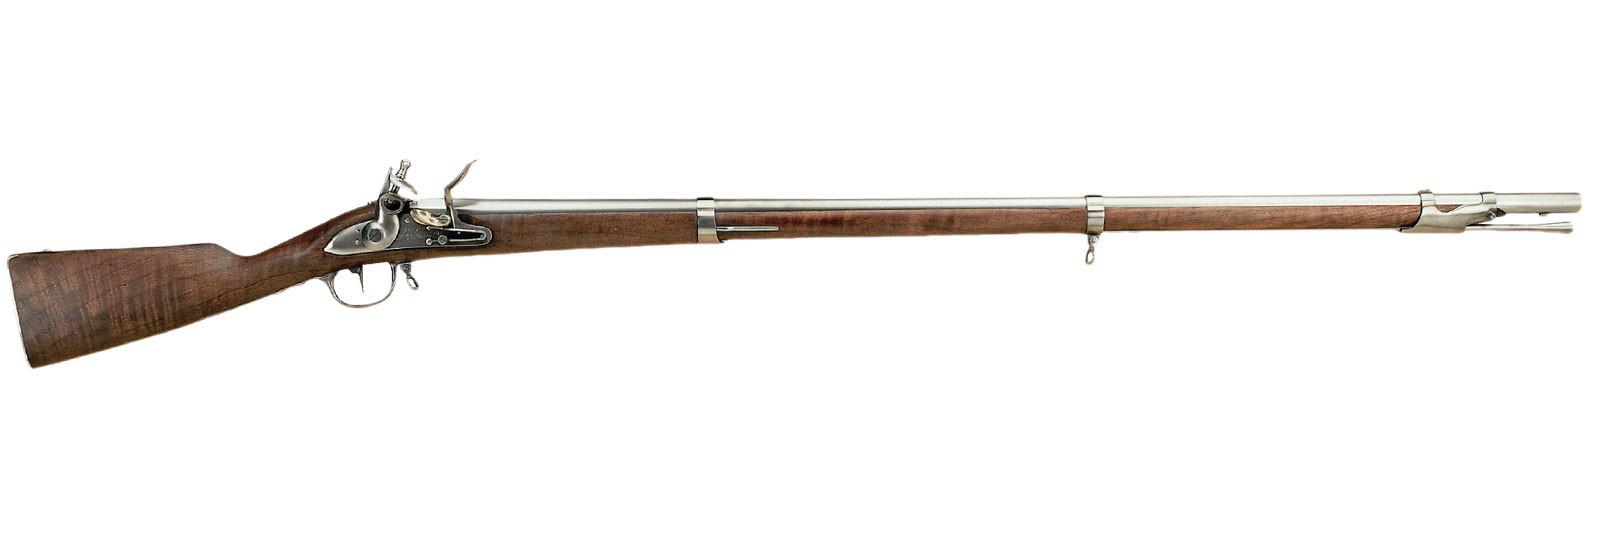 1777 Revolutionnaire Rifle